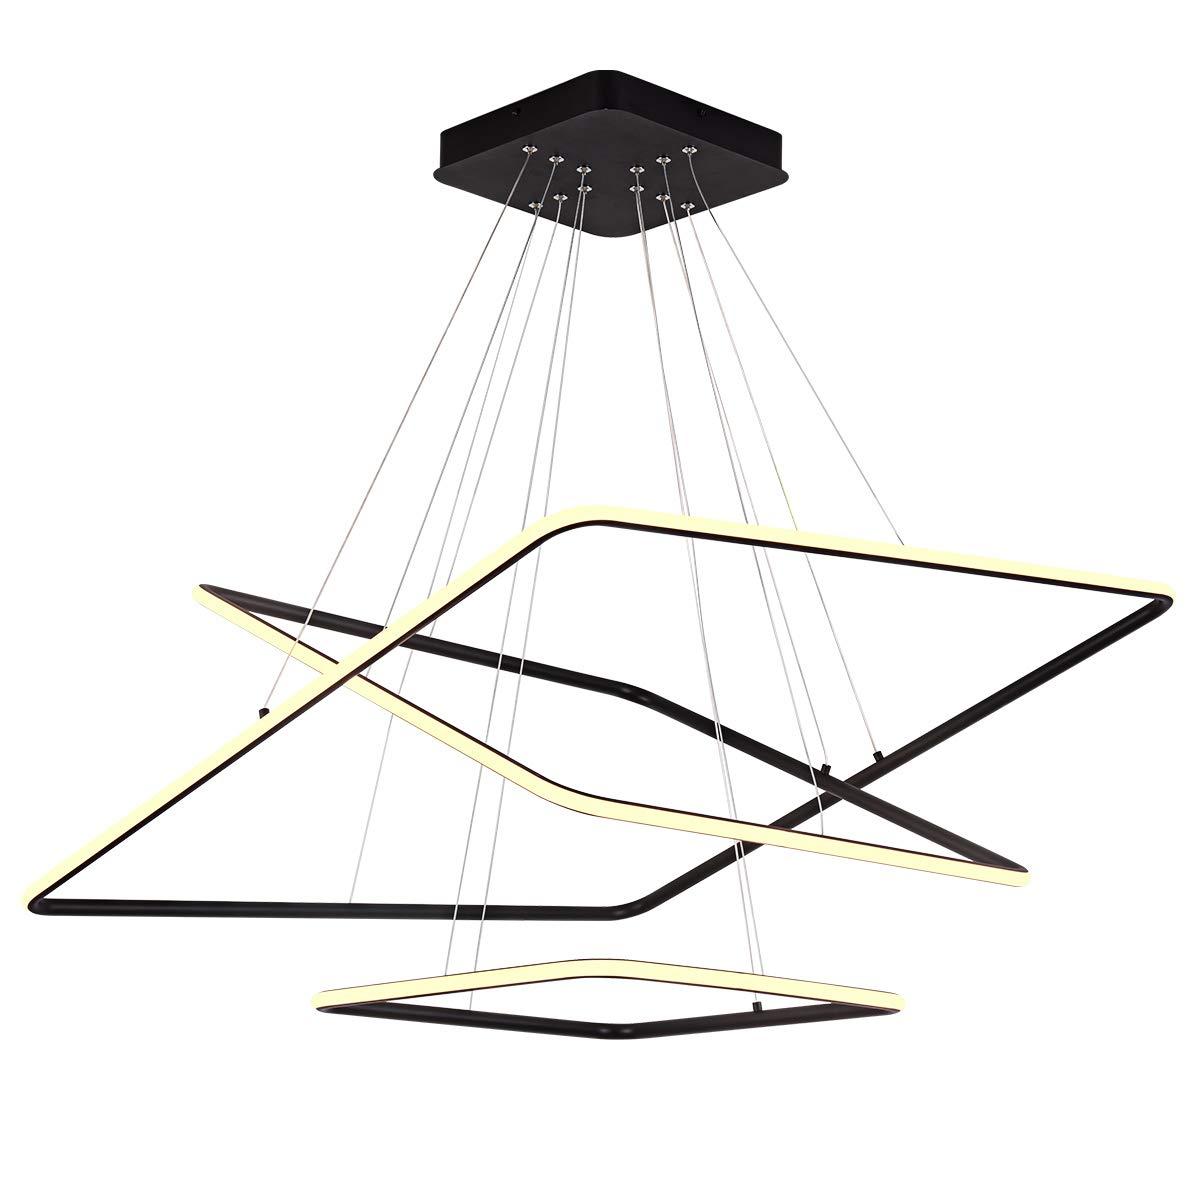 ロイヤルパールモダン正方形LEDシャンデリア調節可能なHanging Light 3つリングコレクションContemporary天井ペンダントライトh47